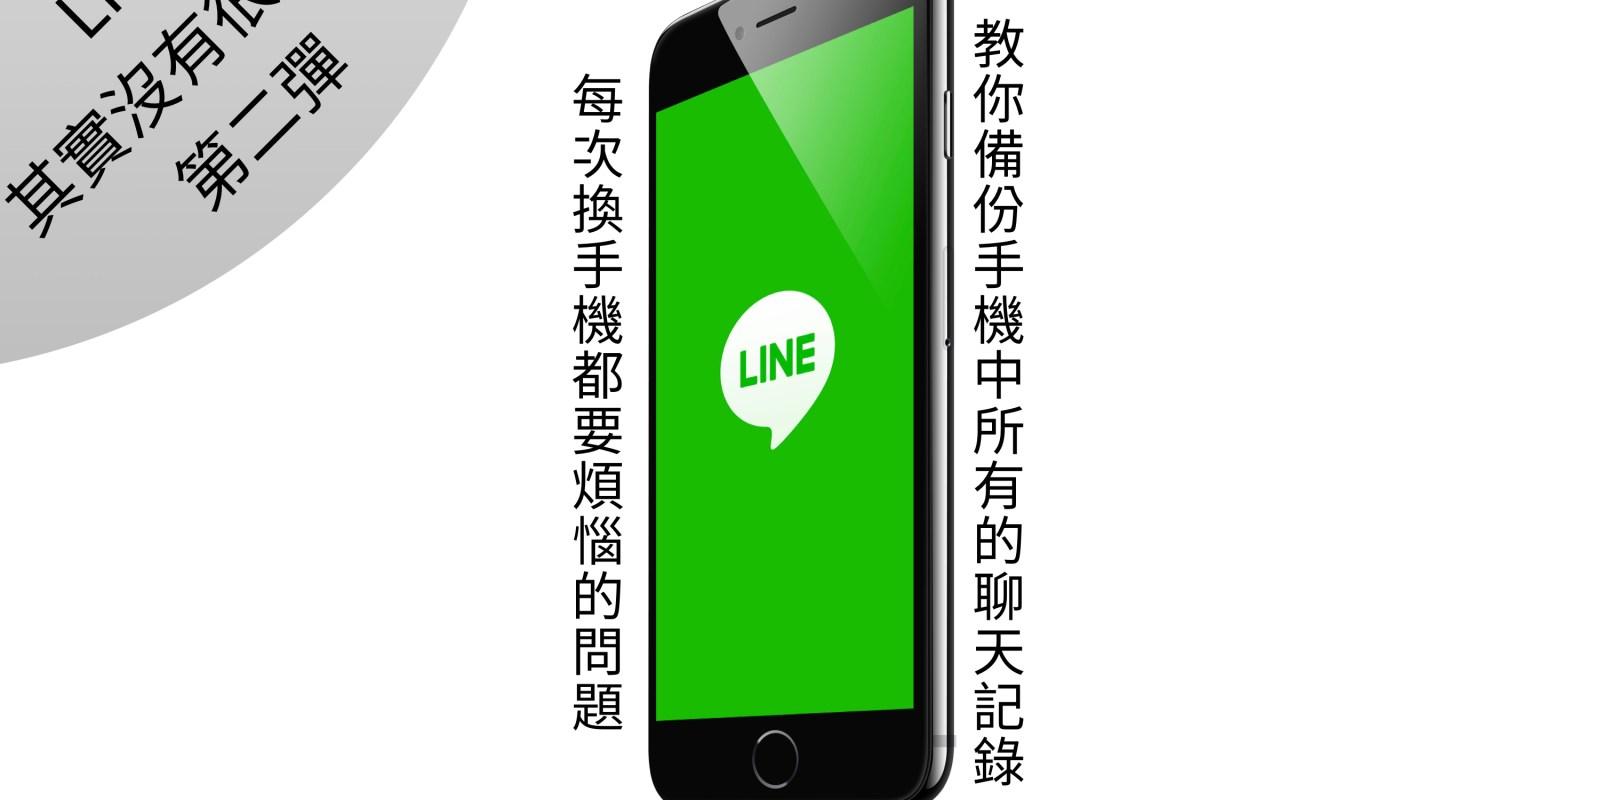 換手機不用再煩惱 Line 要打掉重練,你知道有內建備份訊息的功能嗎?